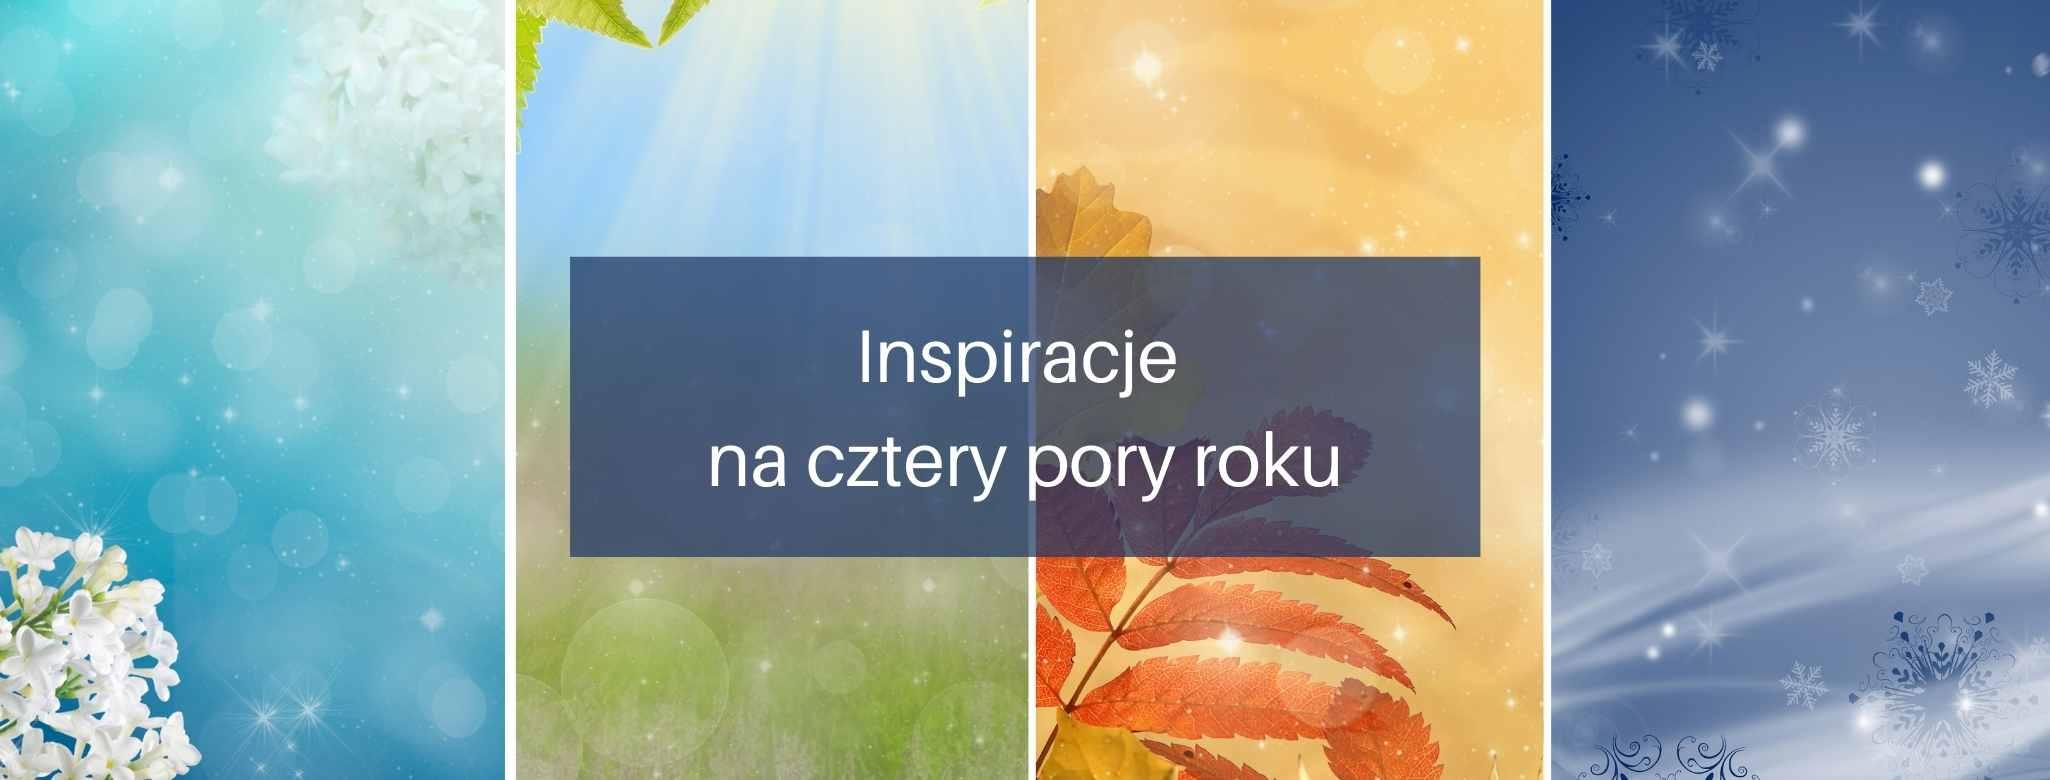 Inspiracje nacztery pory roku